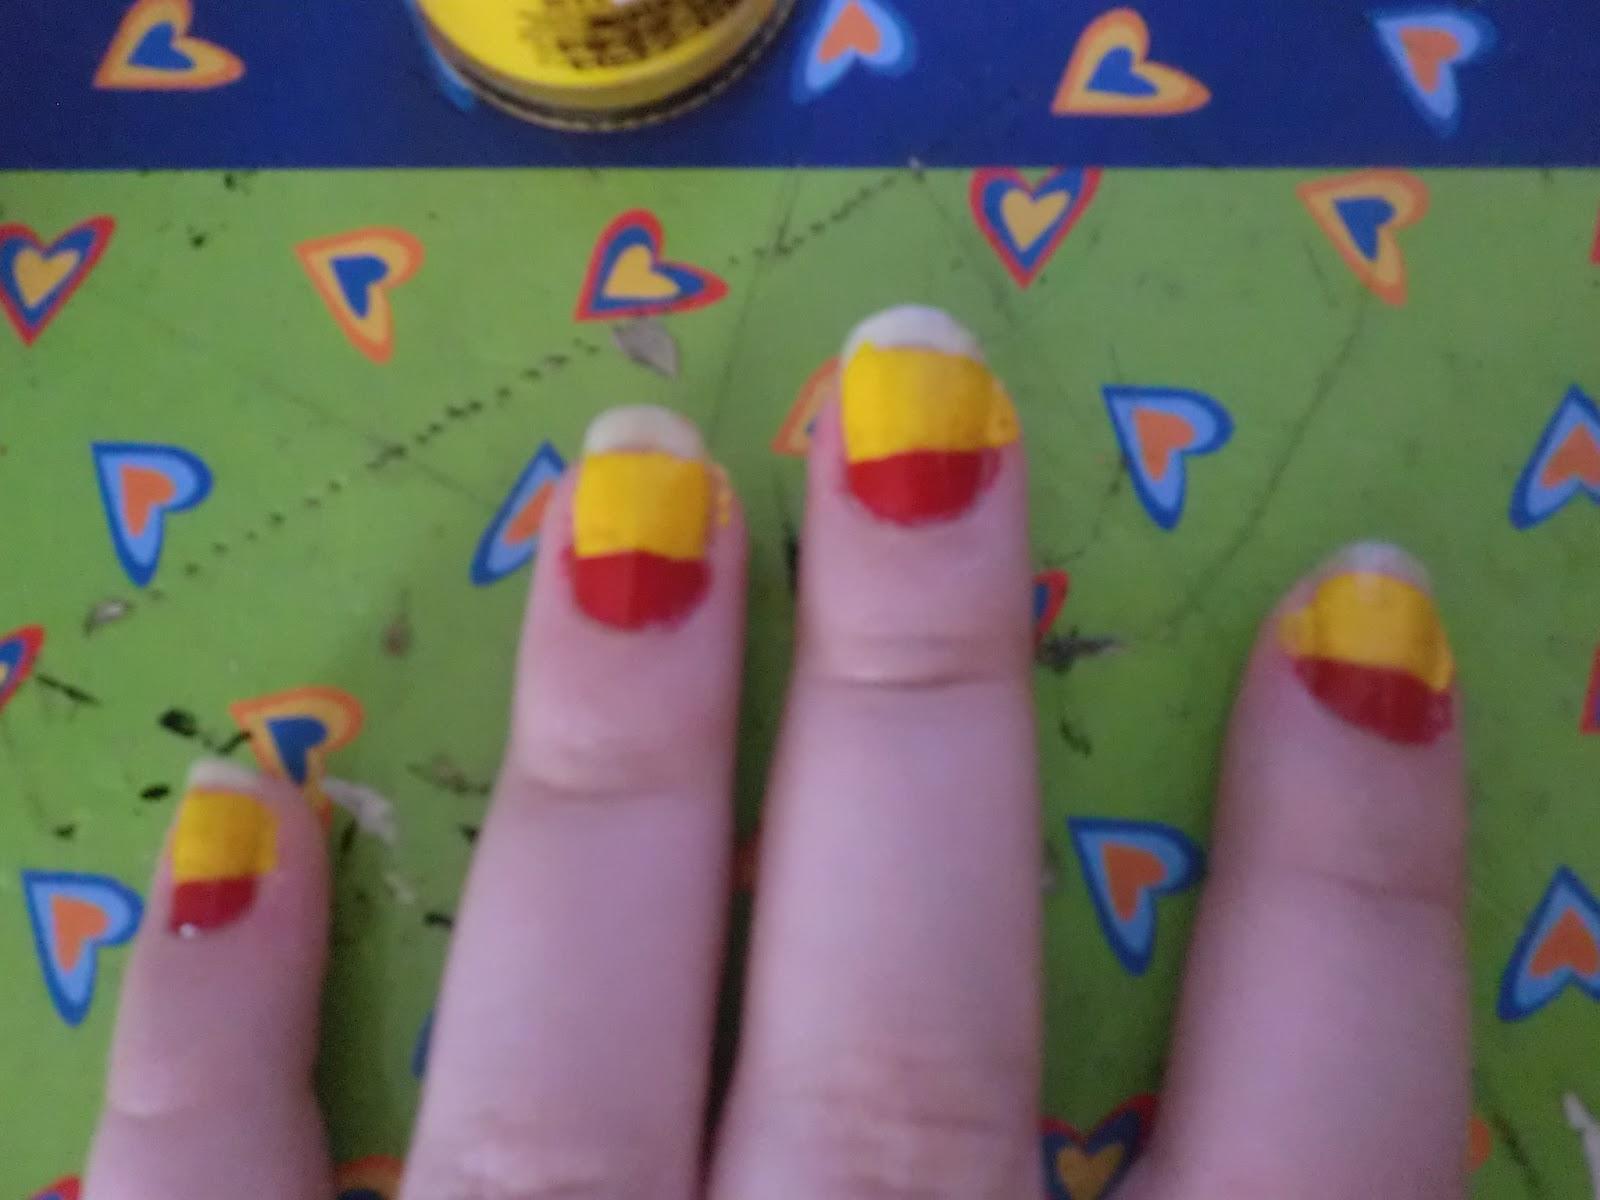 Martta Style: Uñas con la Bandera de España